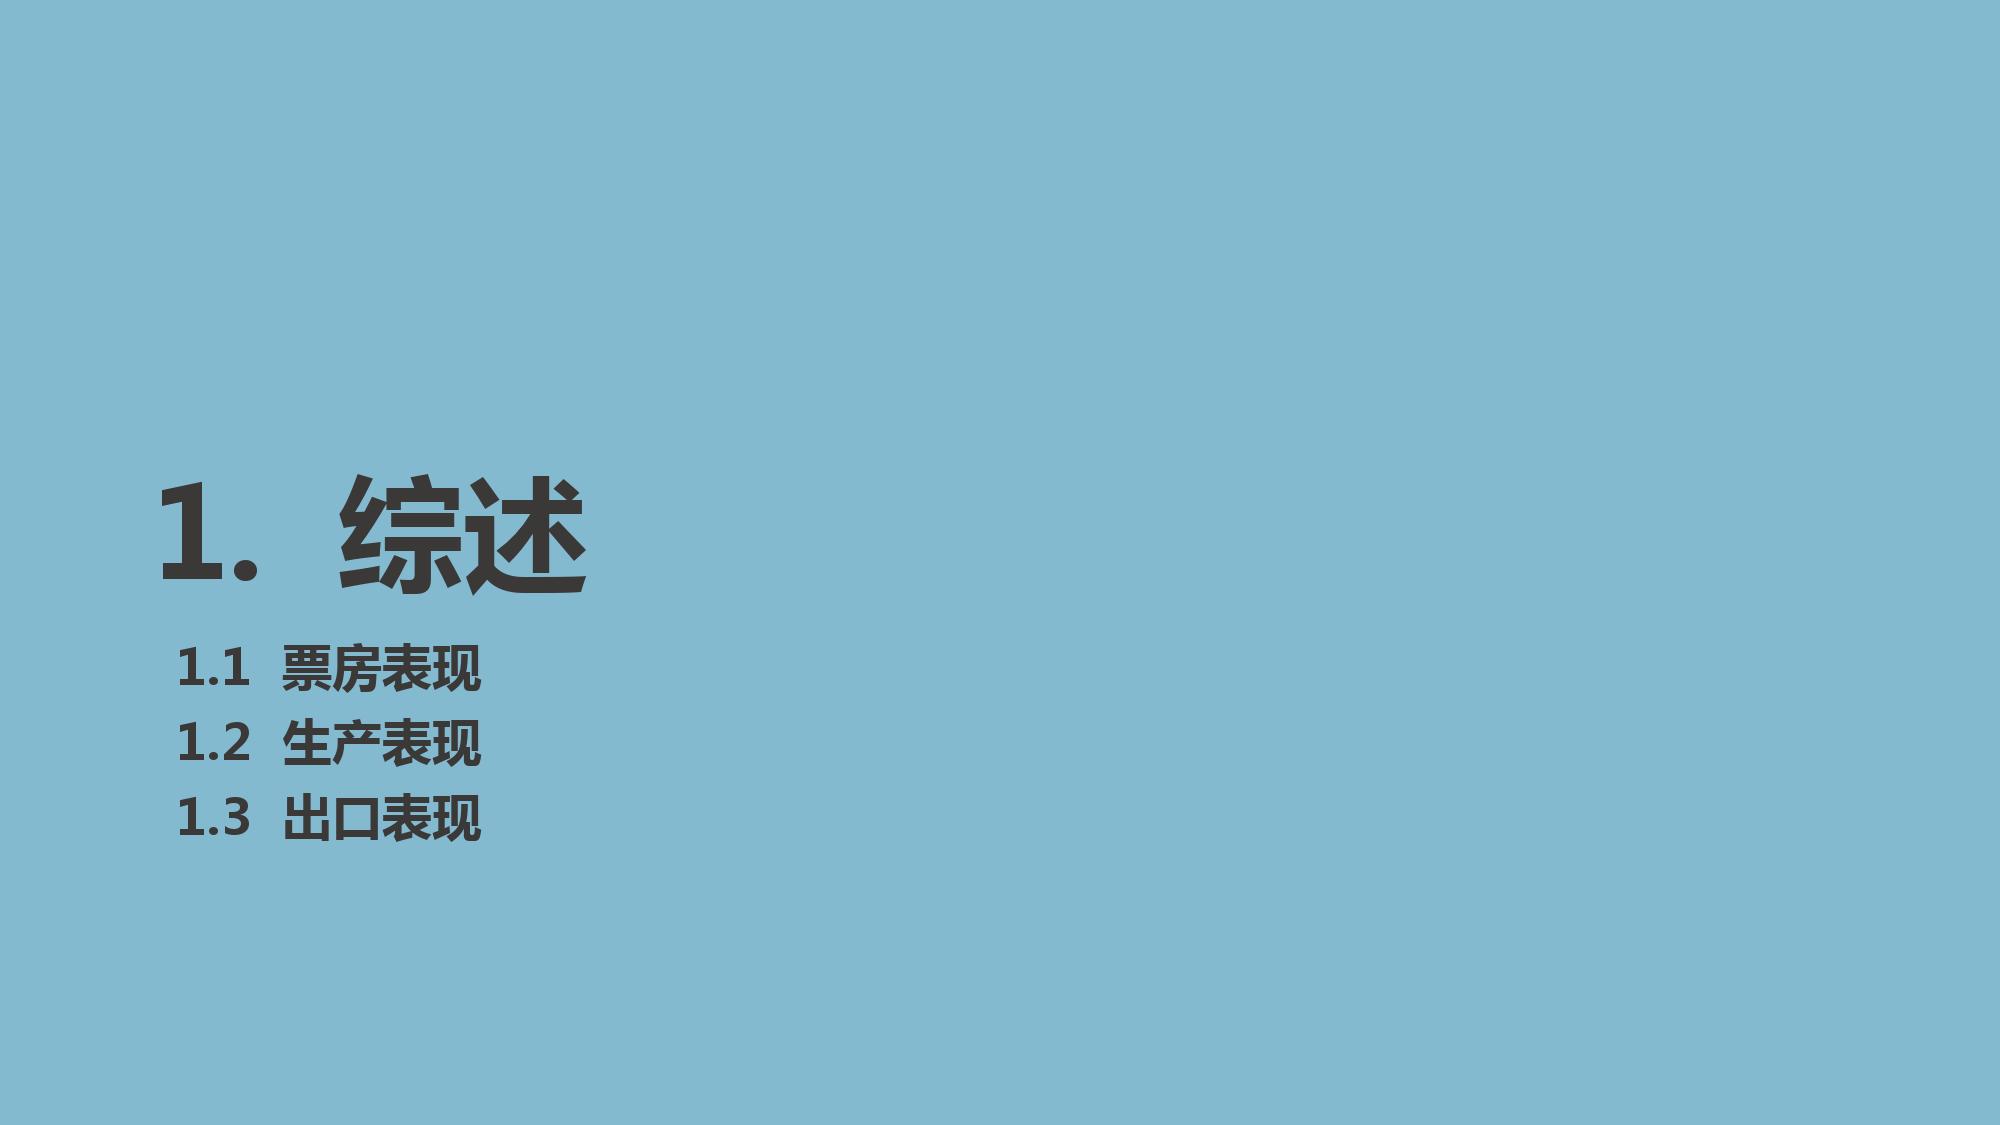 2015年度中国电影产业报告_000010